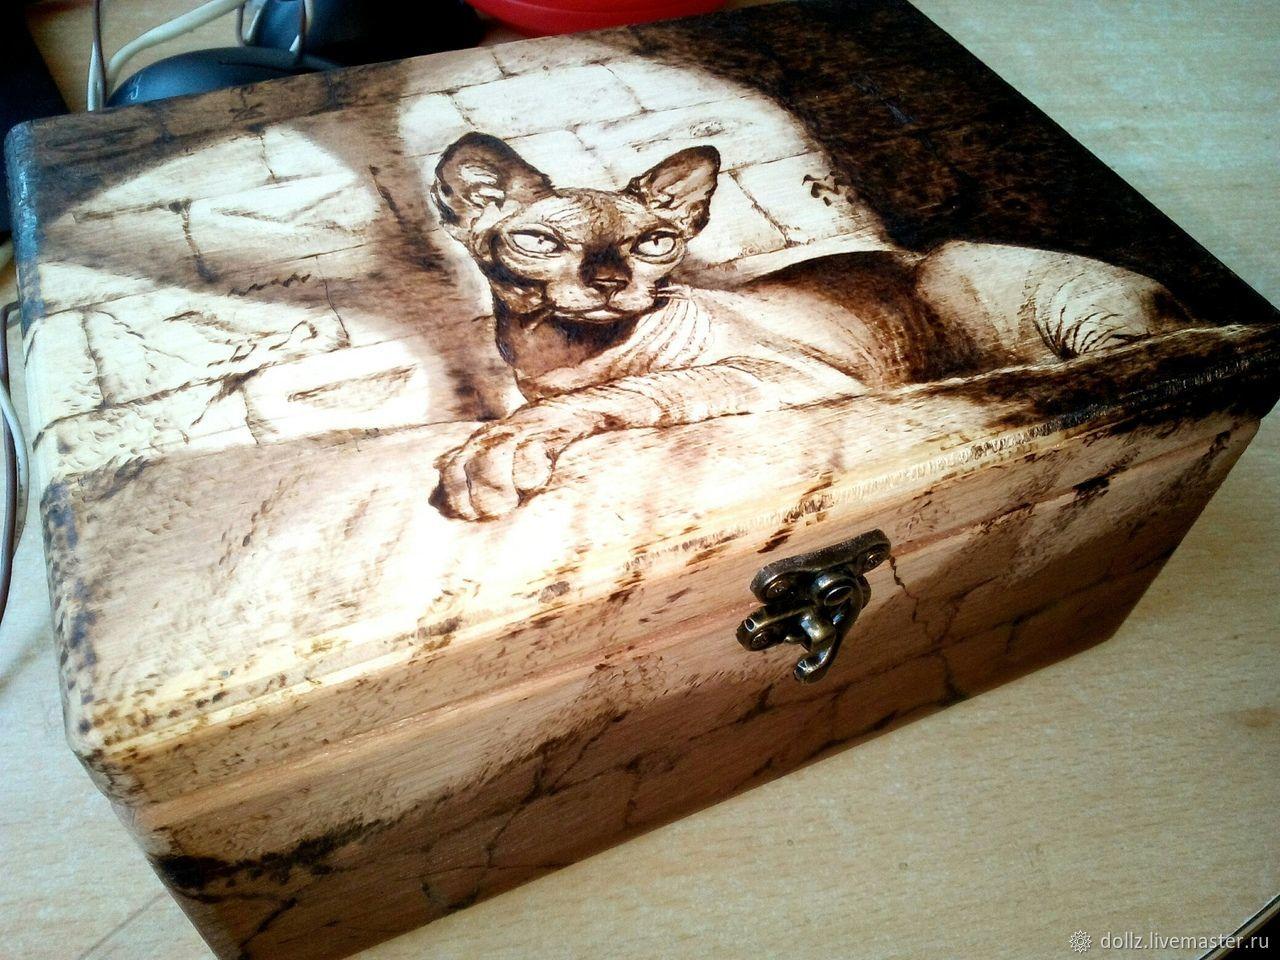 Шкатулка кот Сфинкс пирография(выжигание), Шкатулки, Ярославль,  Фото №1